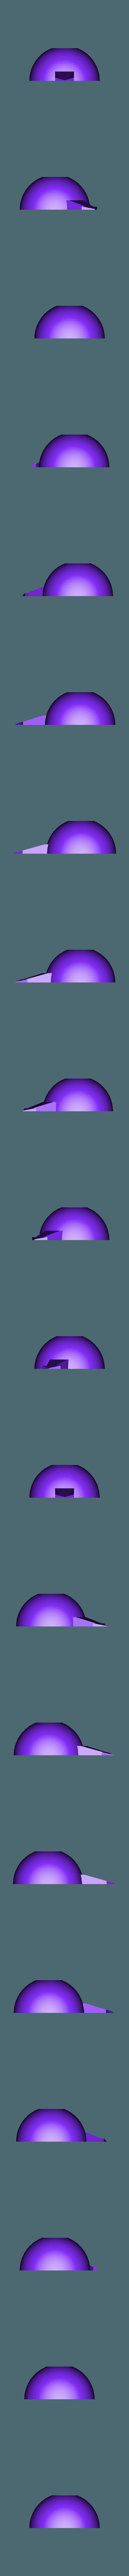 eye.stl Download free STL file Spooky Pumpkin Teeth and Eyes • 3D printing template, Dauler